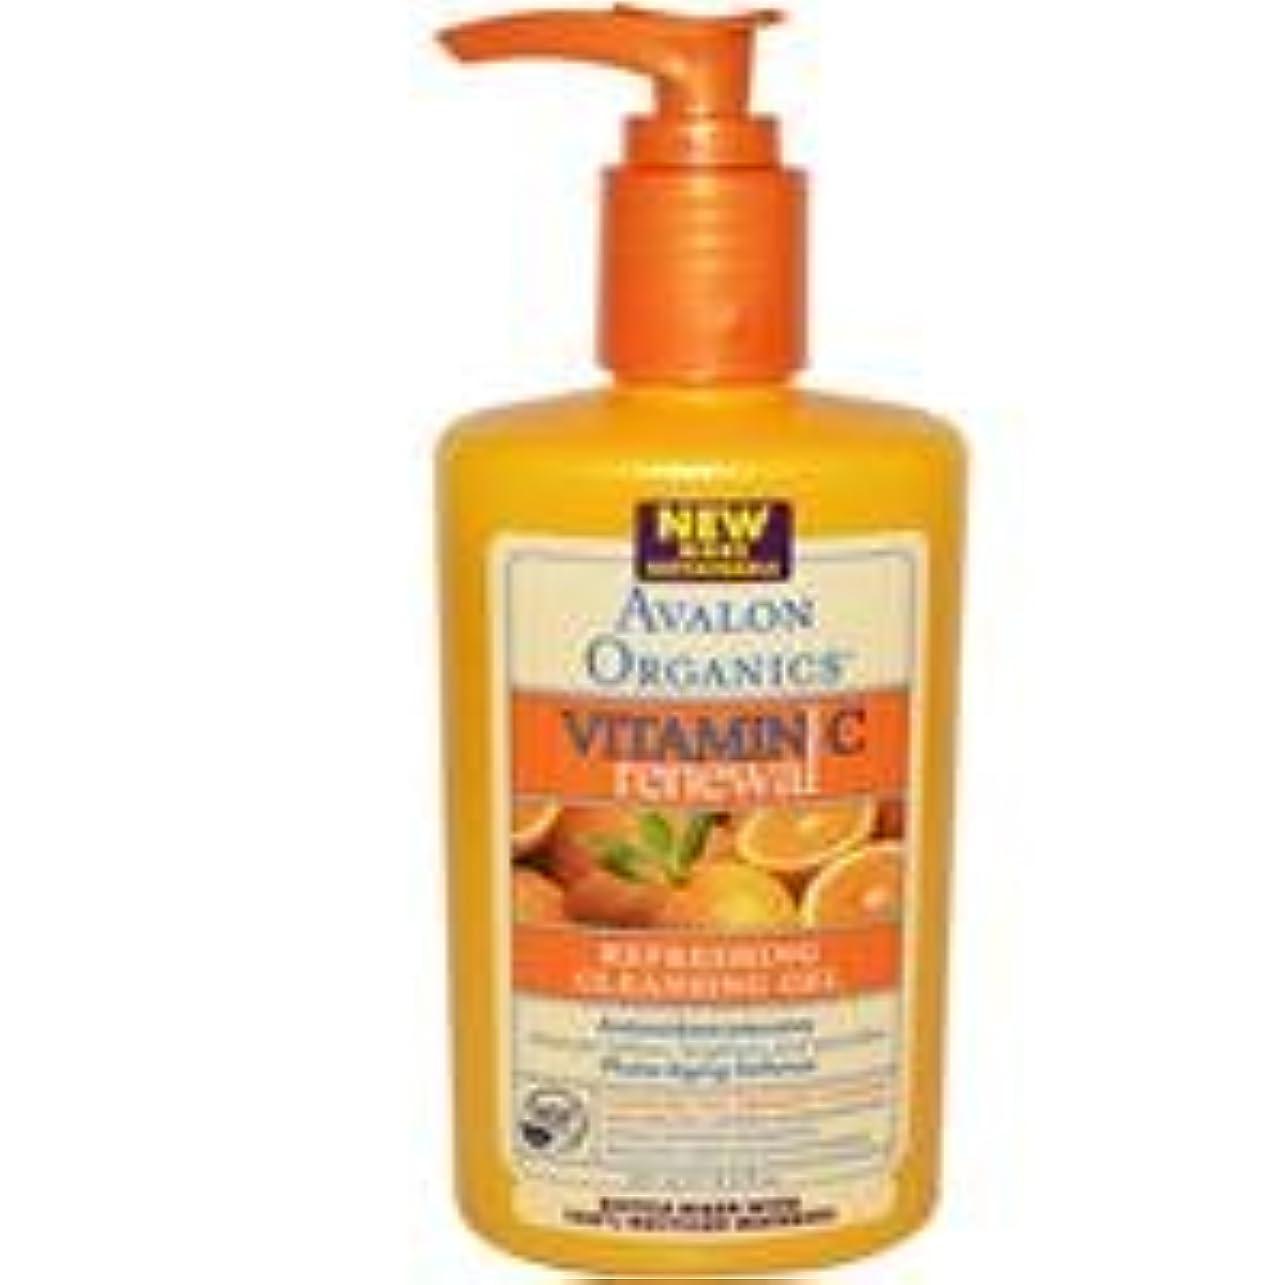 腰胴体習字[海外直送品] アバロンオーガニック(Avalon Organics)    ビタミンC クレンジング ジェル 251ml